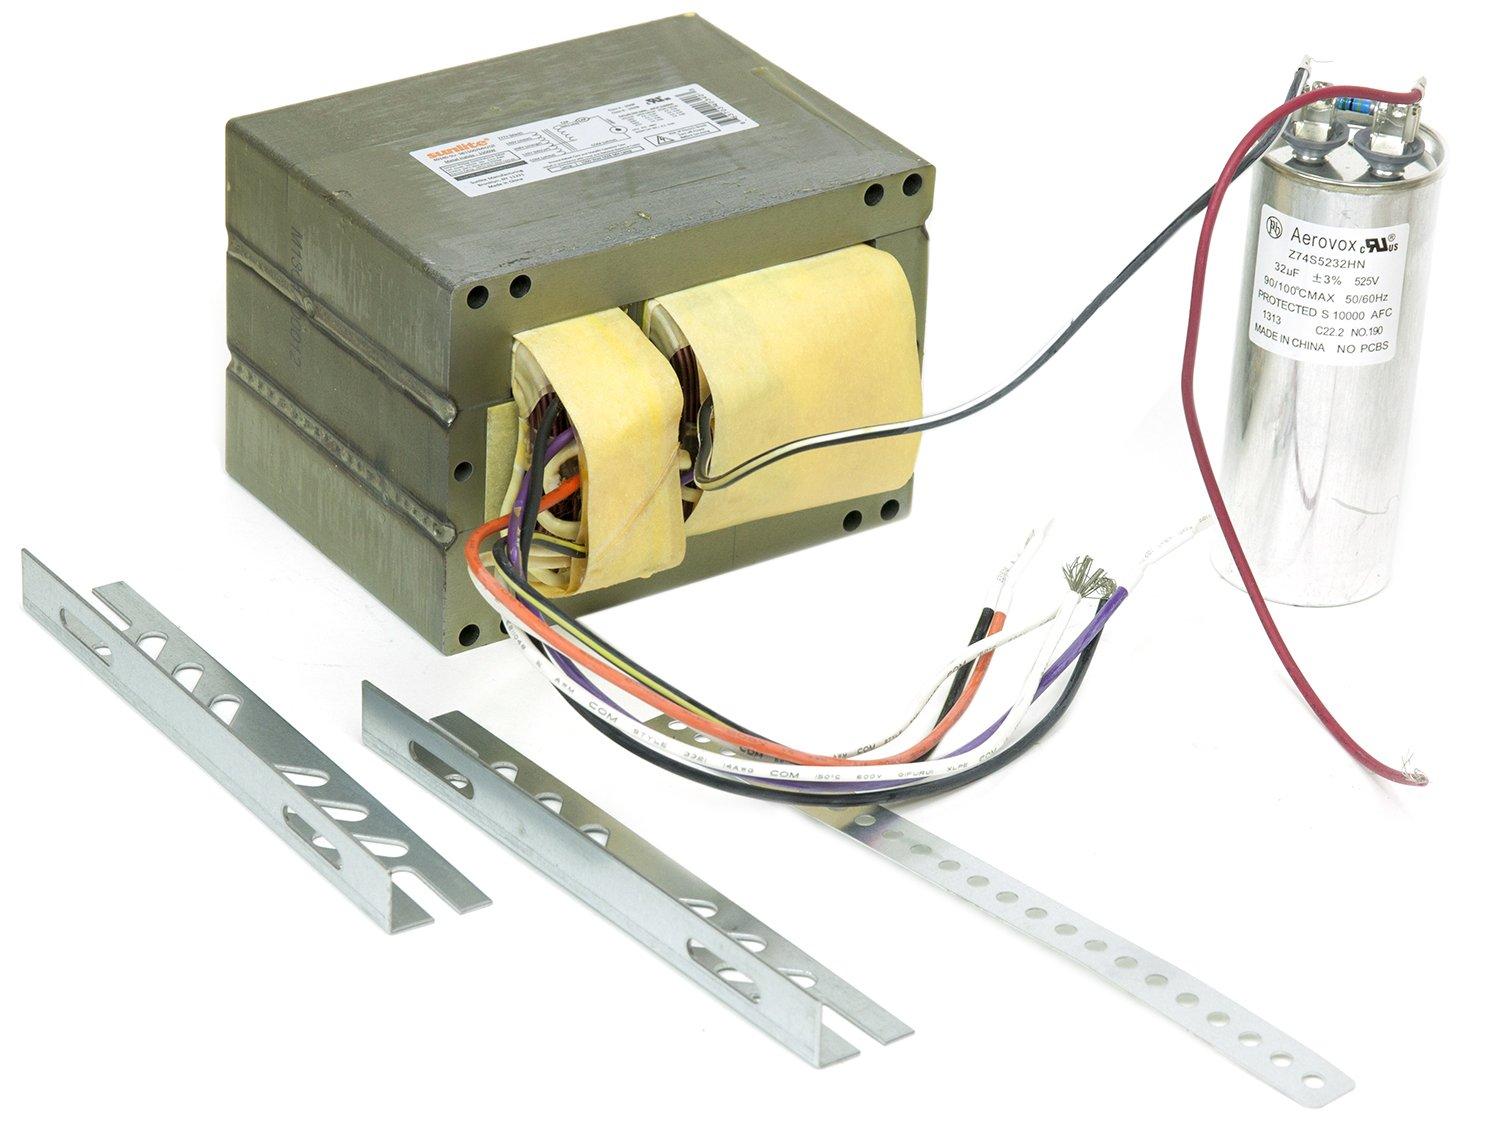 Sunlite 40340-SU SB1500/MH/QT 1500-watt Metal Halide Ballast Quad Tap Ballast Kit, Multi volt by Sunlite